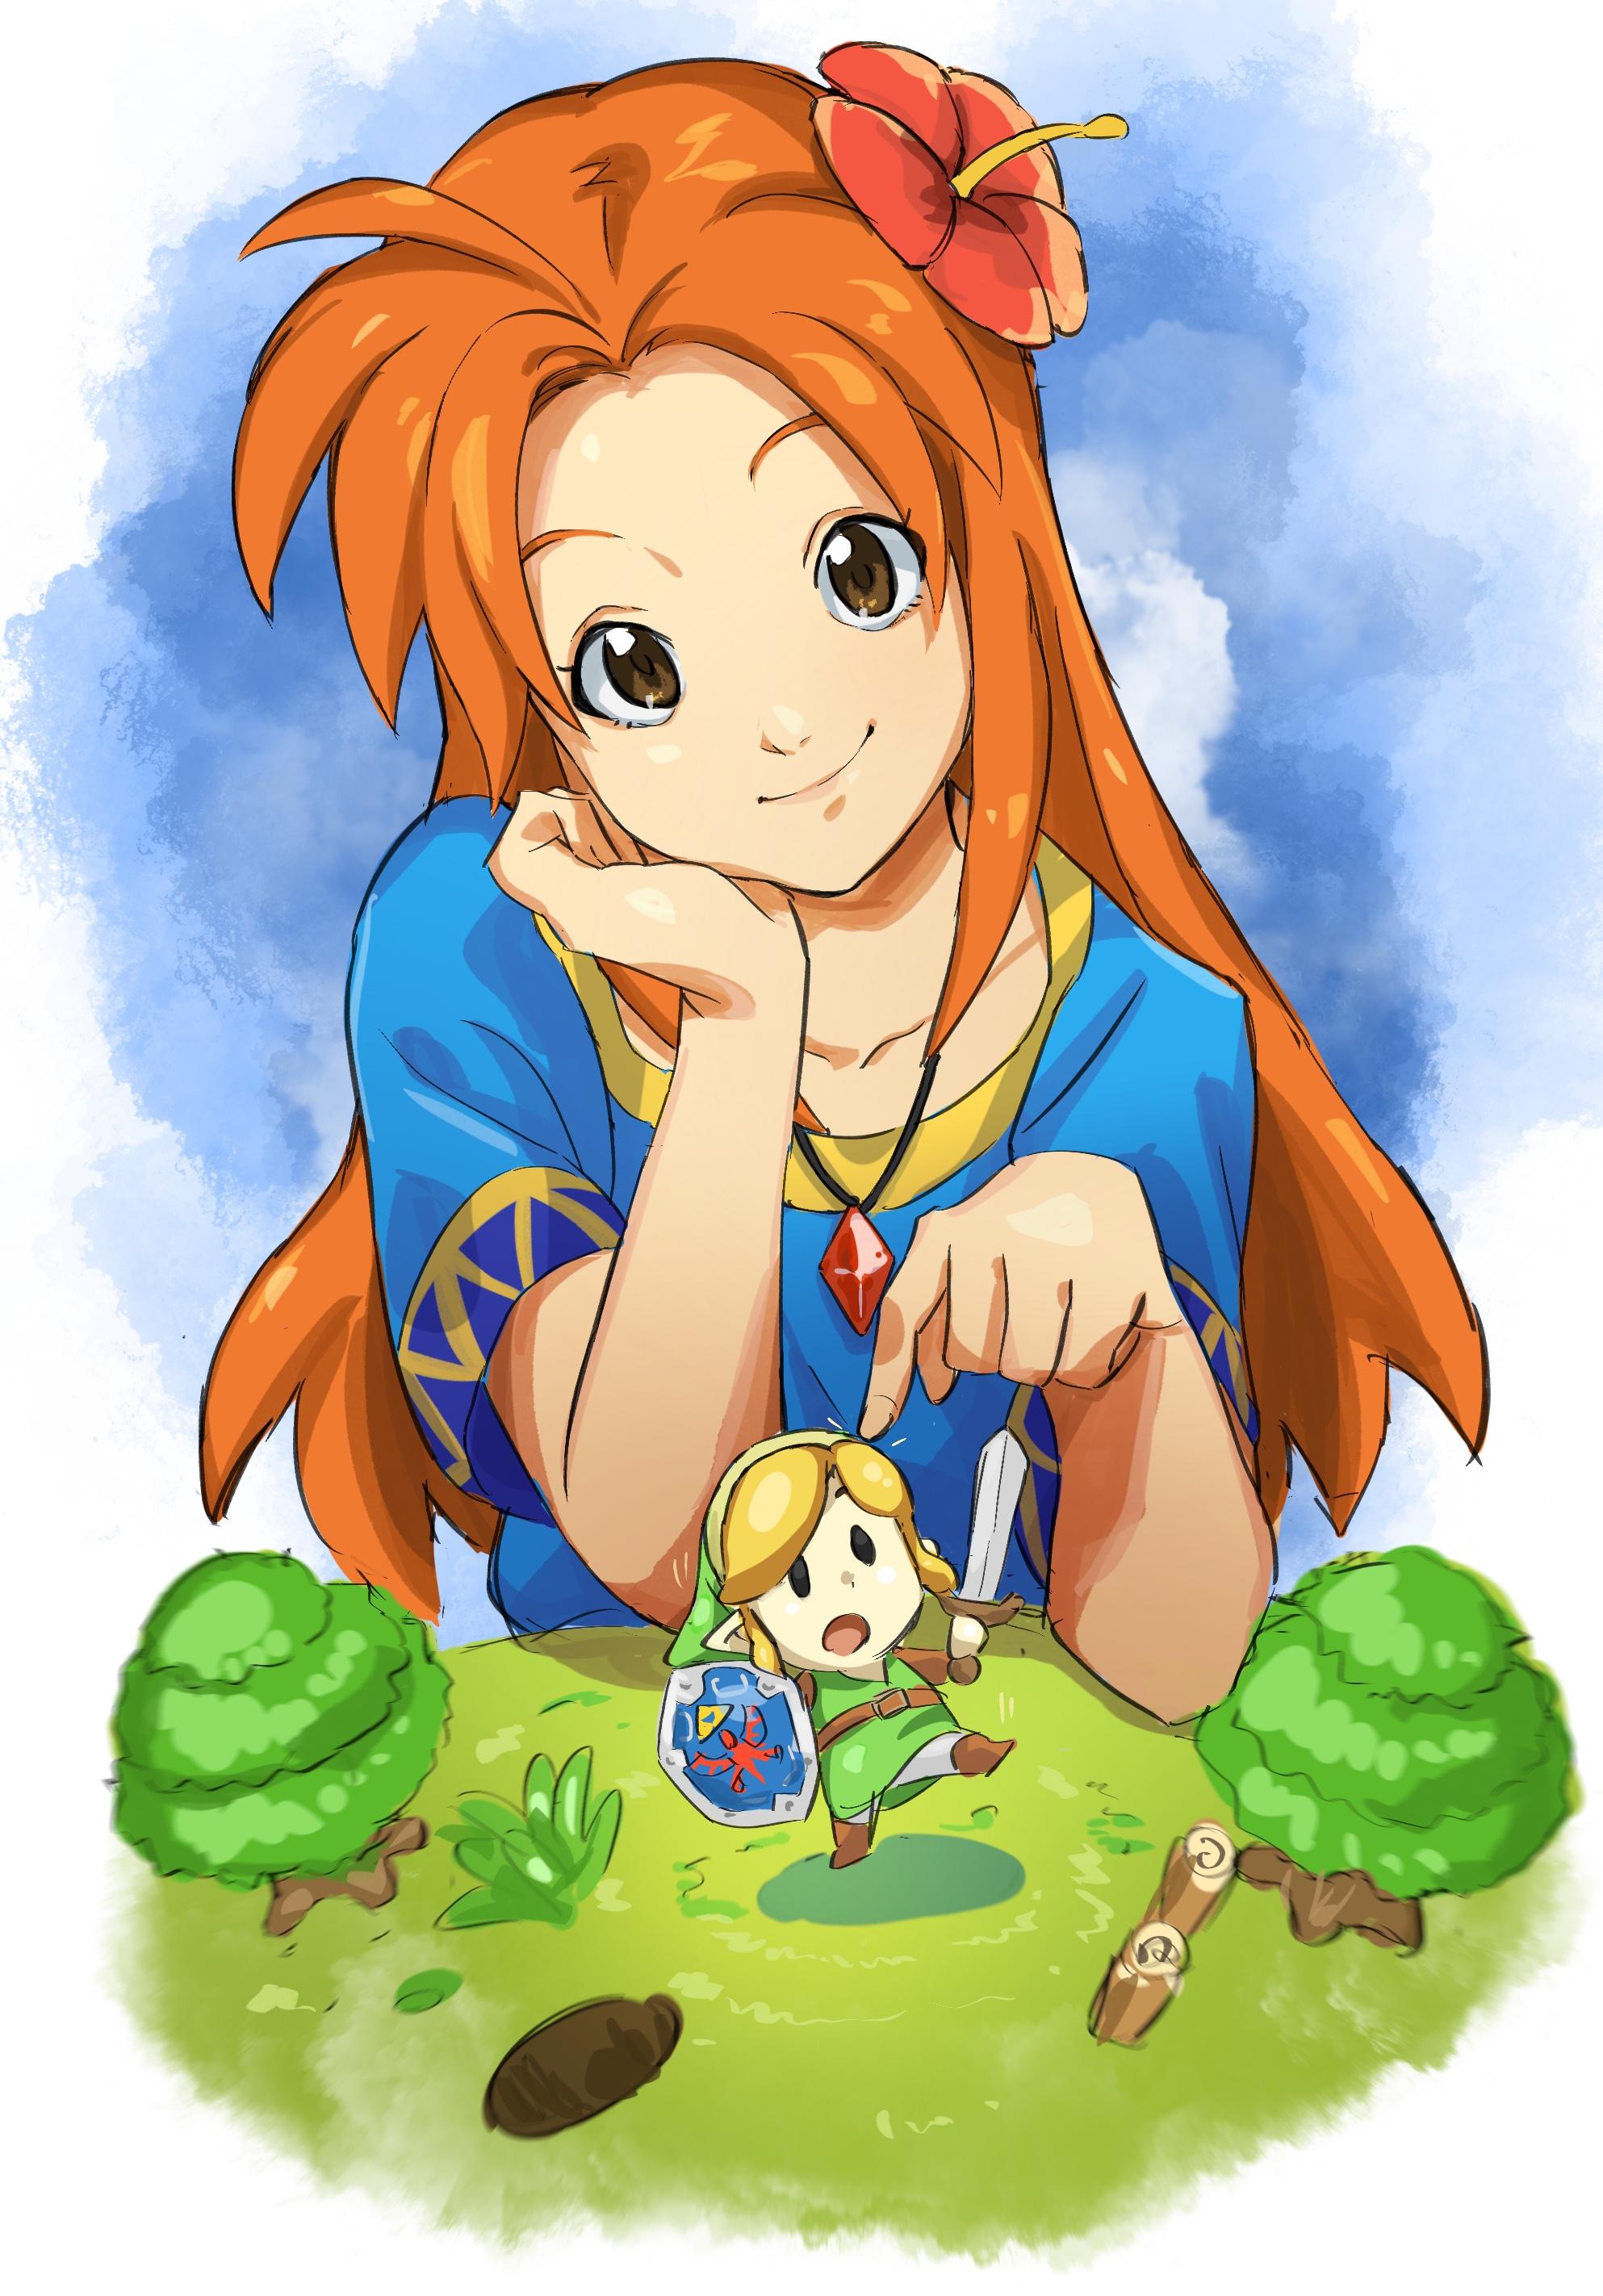 Zelda No Densetsu Yume O Miru Shima The Legend Of Zelda